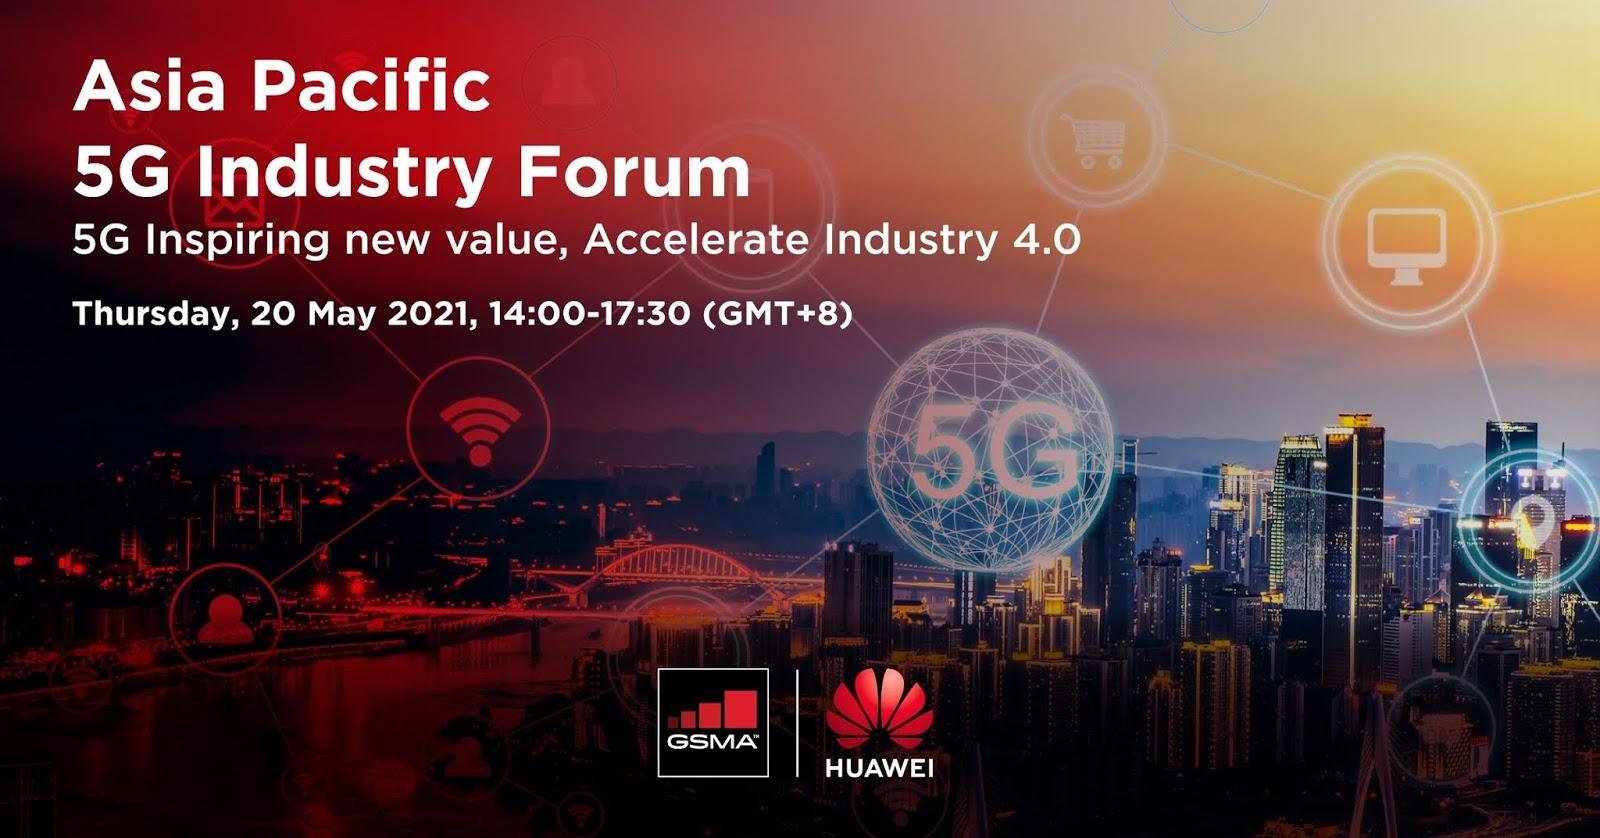 งาน APAC 5G Industry Forum เผยคุณค่าความสำคัญของอีโคซิสเต็ม 5G เพื่อการพัฒนาอุตสาหกรรมในยุค 4.0